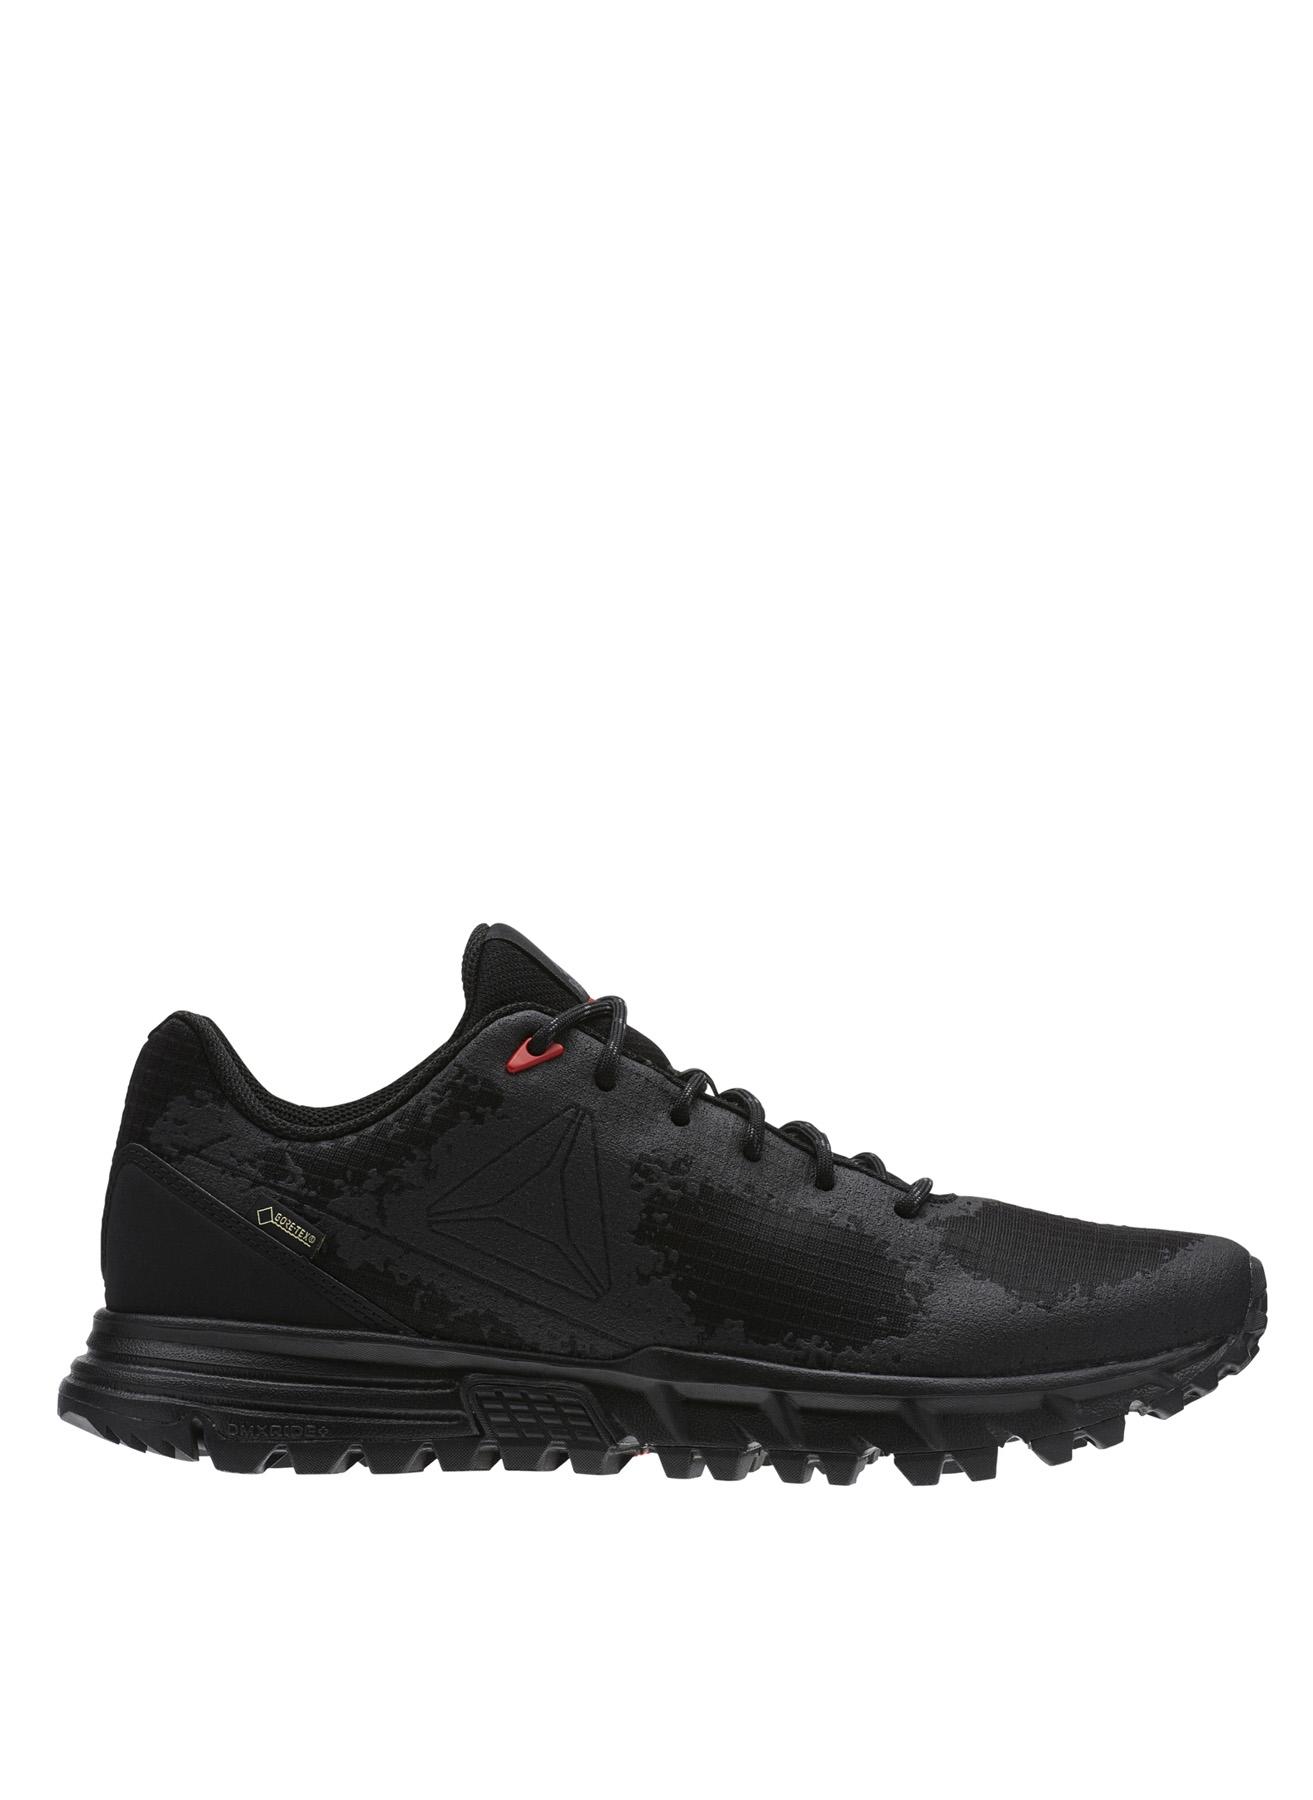 Reebok Sawcut GTX 6.0 Outdoor Ayakkabısı 40 5001633173002 Ürün Resmi